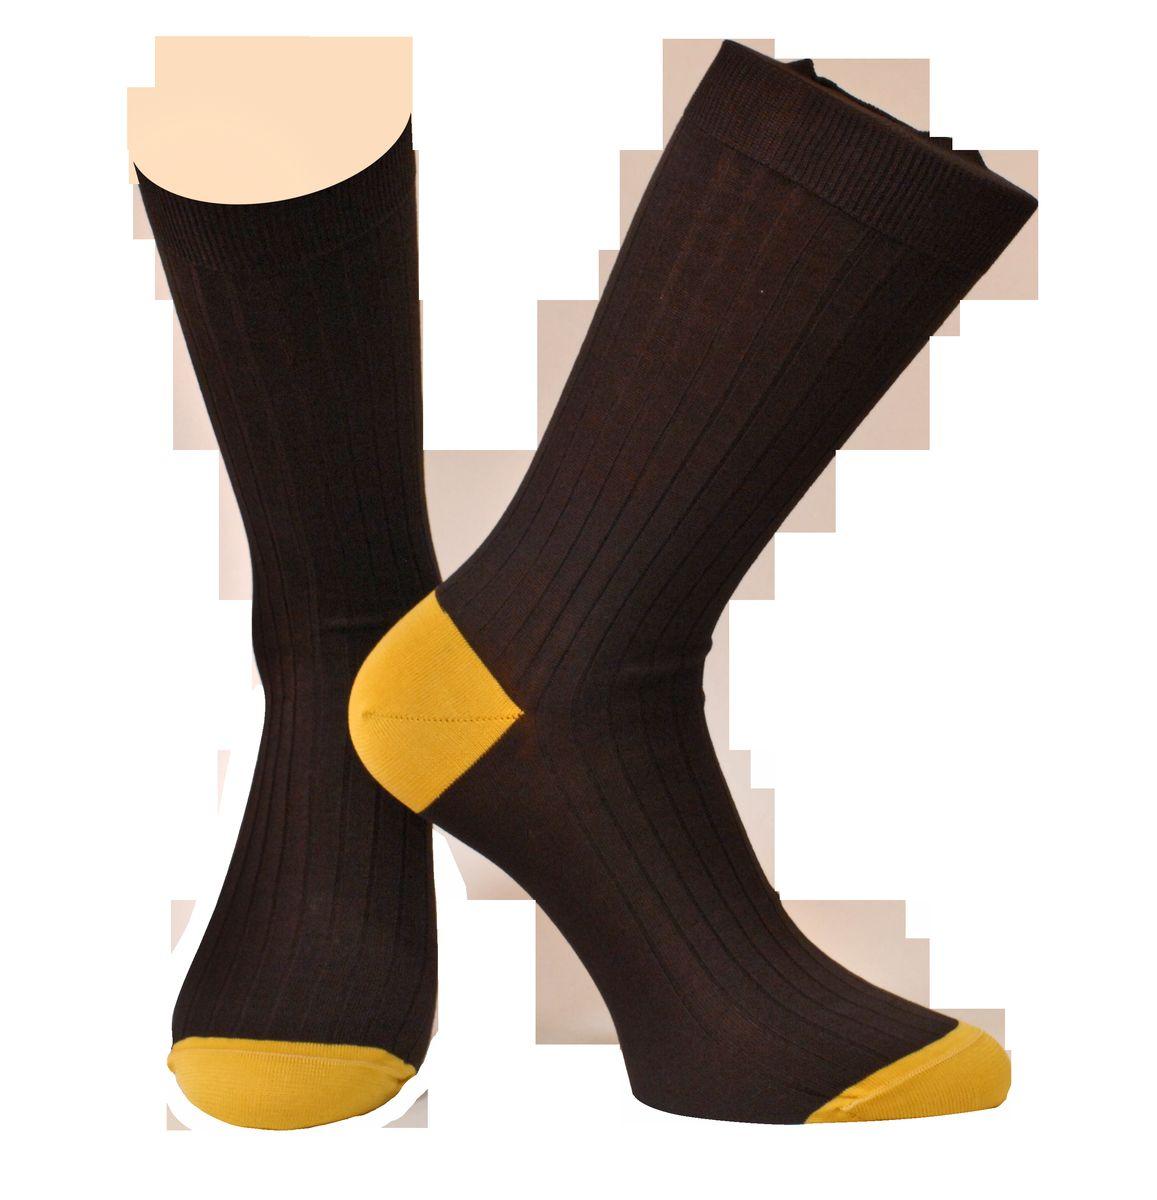 Носки мужские. 2-952-95/62Мужские носки Collonil изготовлены из 100% мерсеризованного хлопка, который обеспечивает великолепную посадку на ноге. Материал изделия тактильно приятный, позволяет коже дышать. Удлиненная широкая резинка не сдавливает и комфортно облегает ногу. Модель оформлена полосками по всему мысу и паголенку изделия. Удобные хлопковые носки станут отличным дополнением к вашему гардеробу.